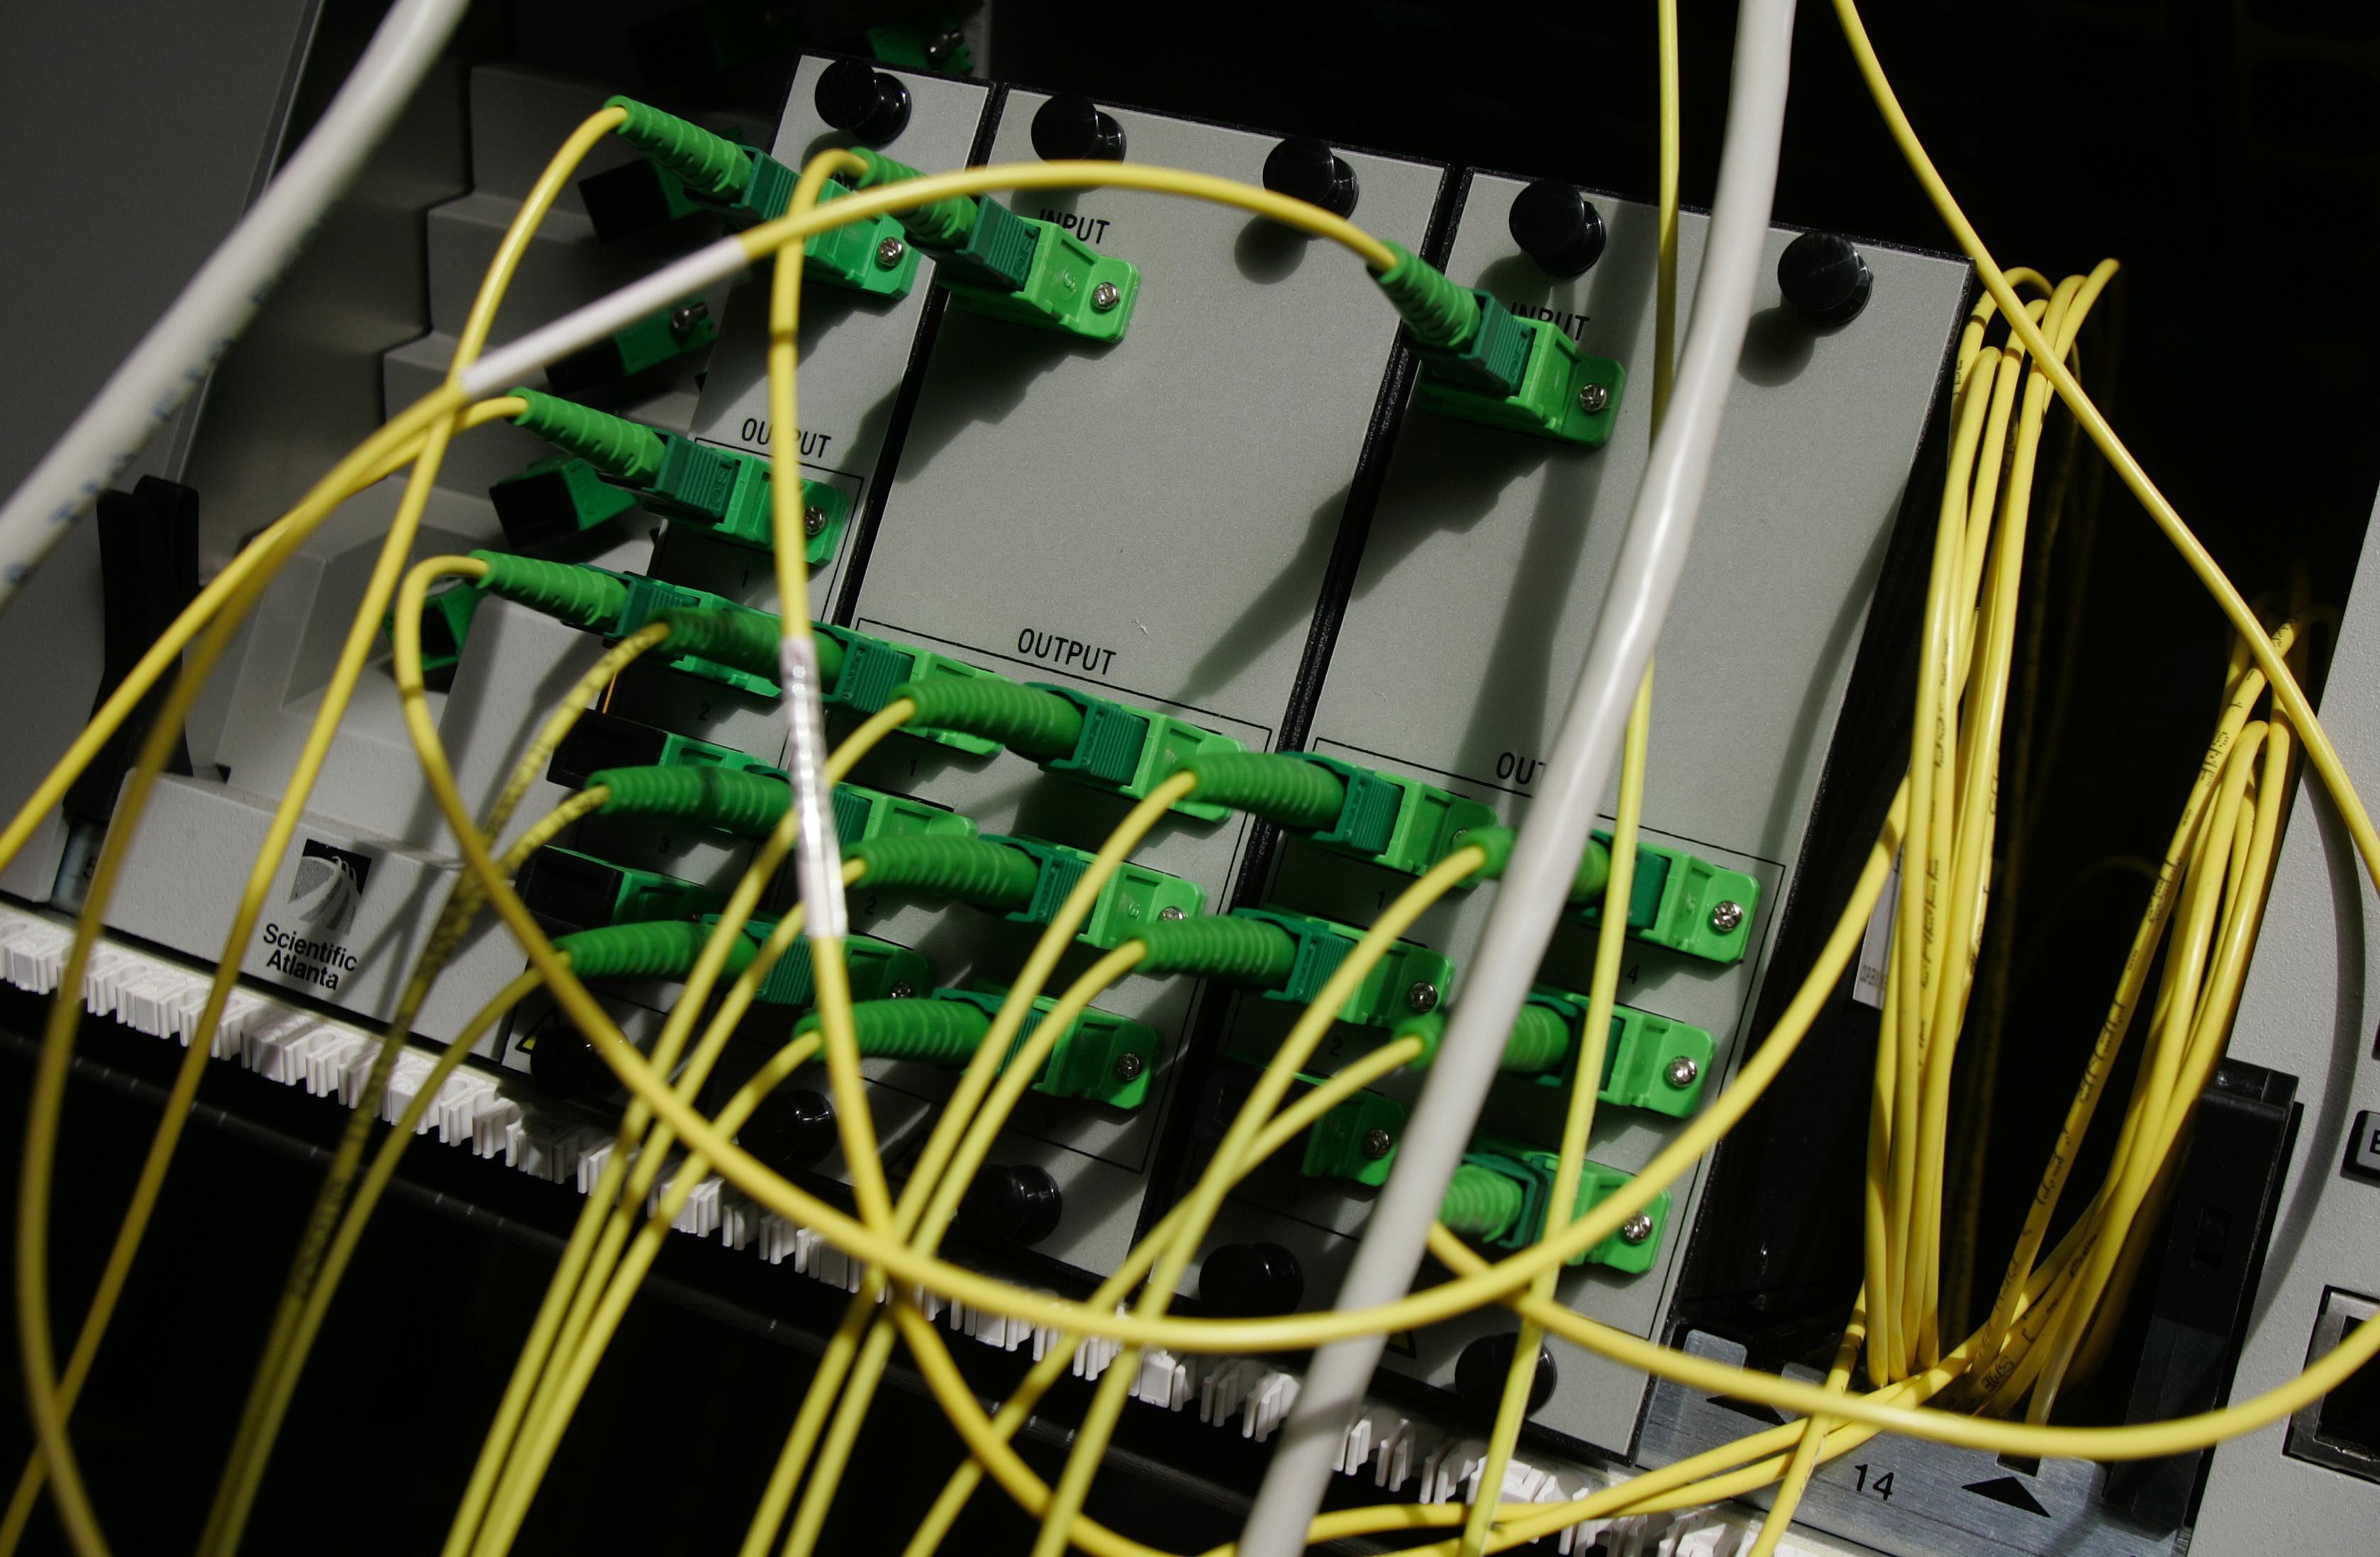 scanpix-20050913-201241-4.jpg